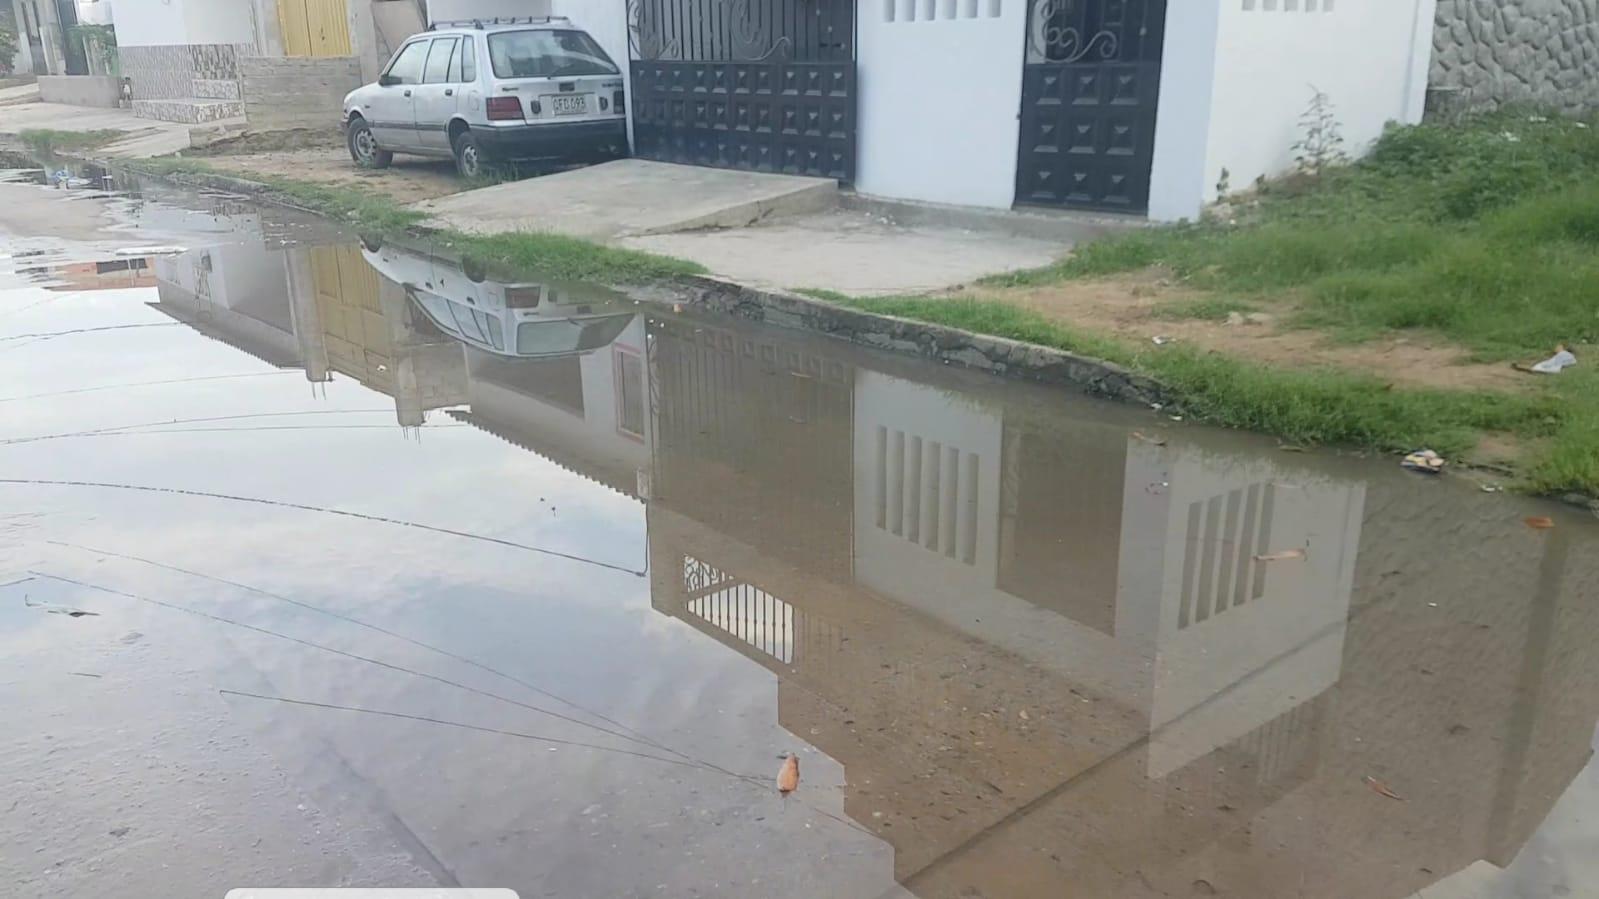 hoyennoticia.com, Barrio Luis Eduardo Cuellar de Riohacha está convertido en una cloaca